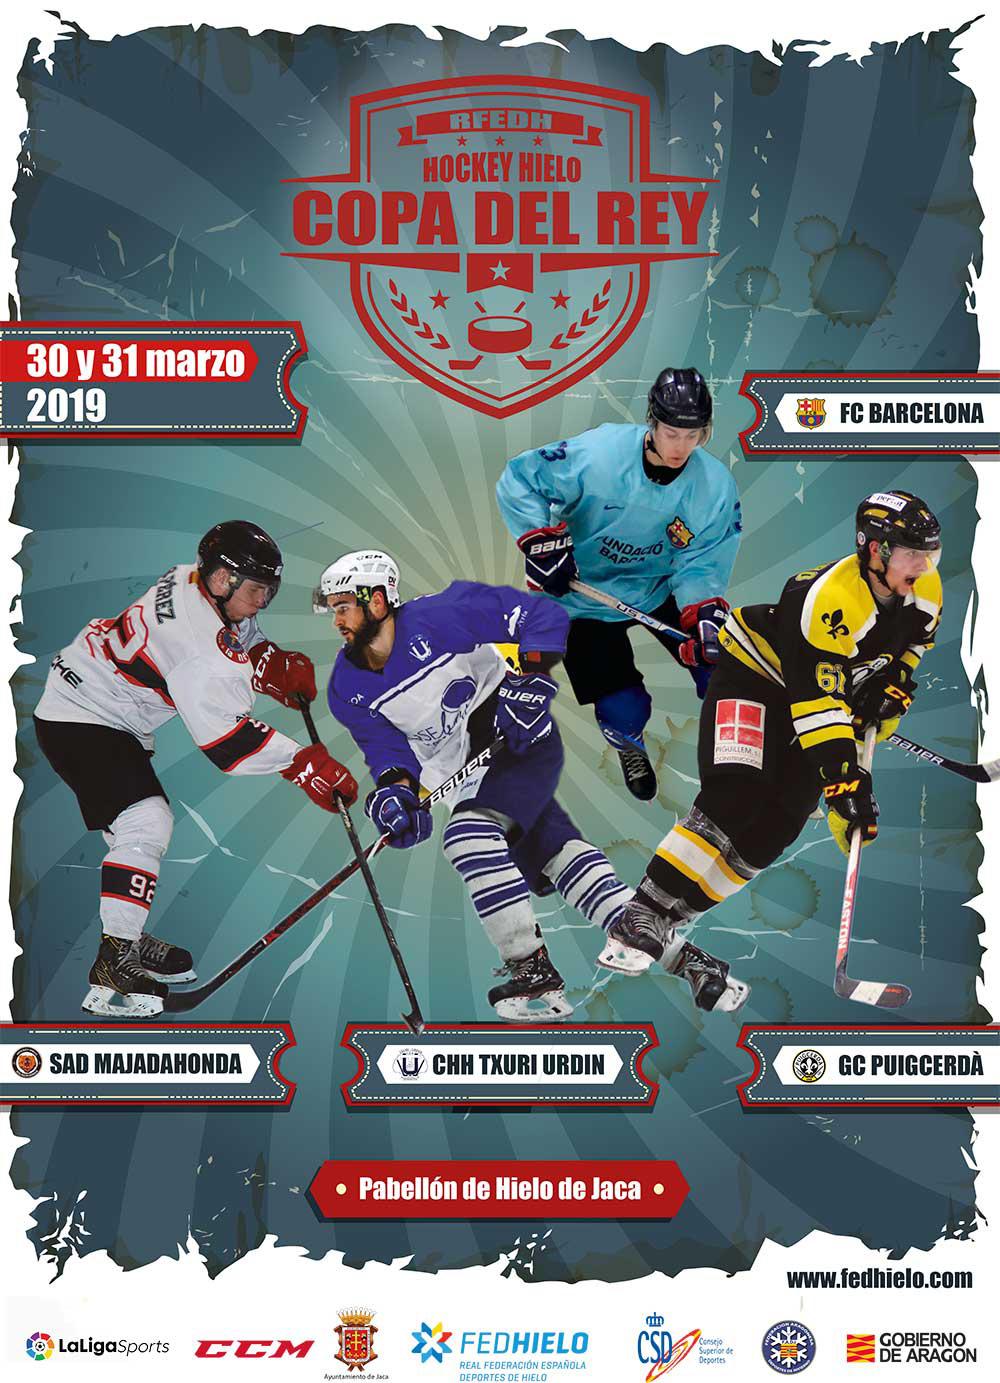 La Copa del Rey llega a Jaca en un fin de semana dedicado a los deportes de hielo